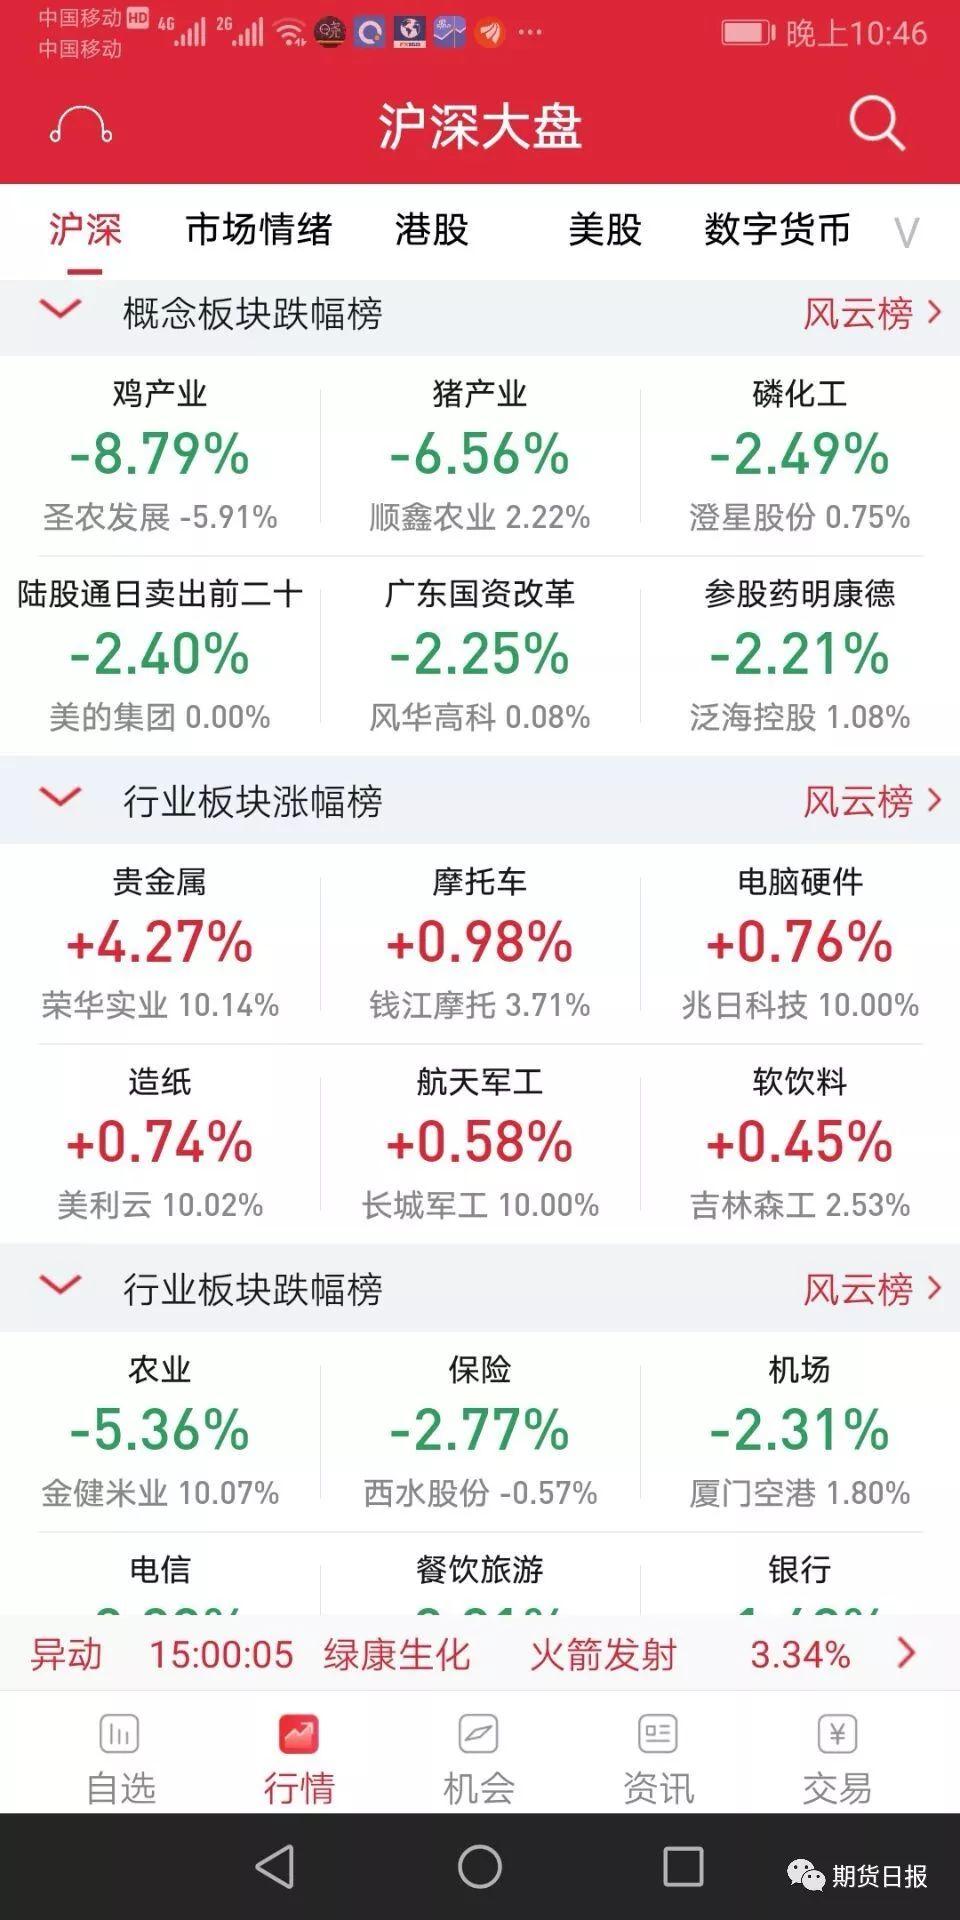 """相反,A股相关上市公司倒跟着""""蹭""""了把热点,在股市调整的环境下连续多日逆市上涨。数据显示,5月8日,人造肉指数以5.51%的涨幅强势领涨各大行业指数,其中,哈高科、丰乐种业、京粮控股、维维股份等多股涨停。但这热点蹭得有点心虚,于是,5月8日晚间,多家A股上市公司发布公告,否认涉足人造肉。"""